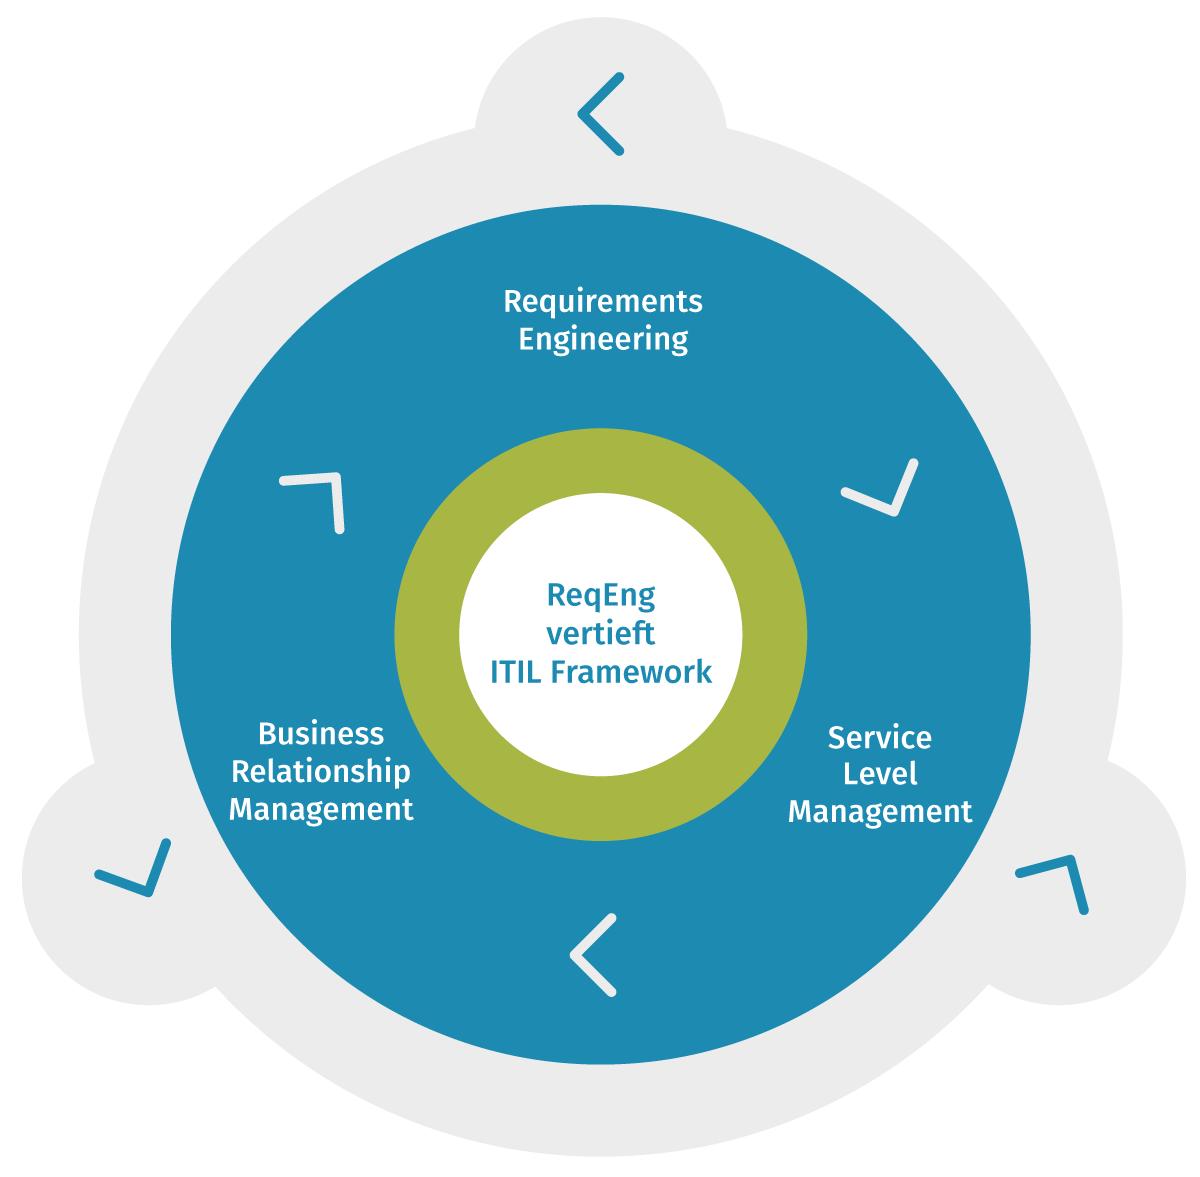 ReqEng vertieft ITIL Framework